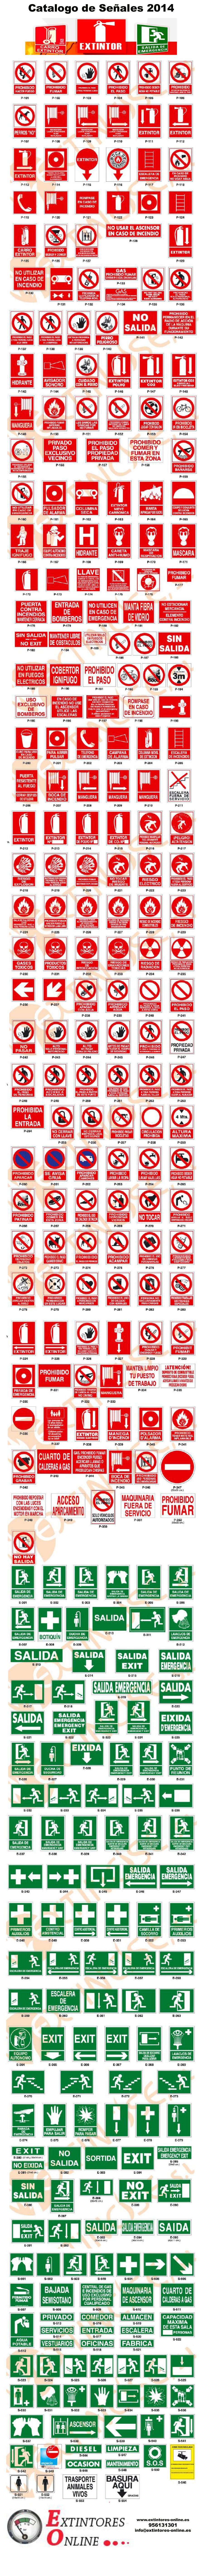 https://www.extintores-online.es/certificados/Catalogo-Senales.jpg